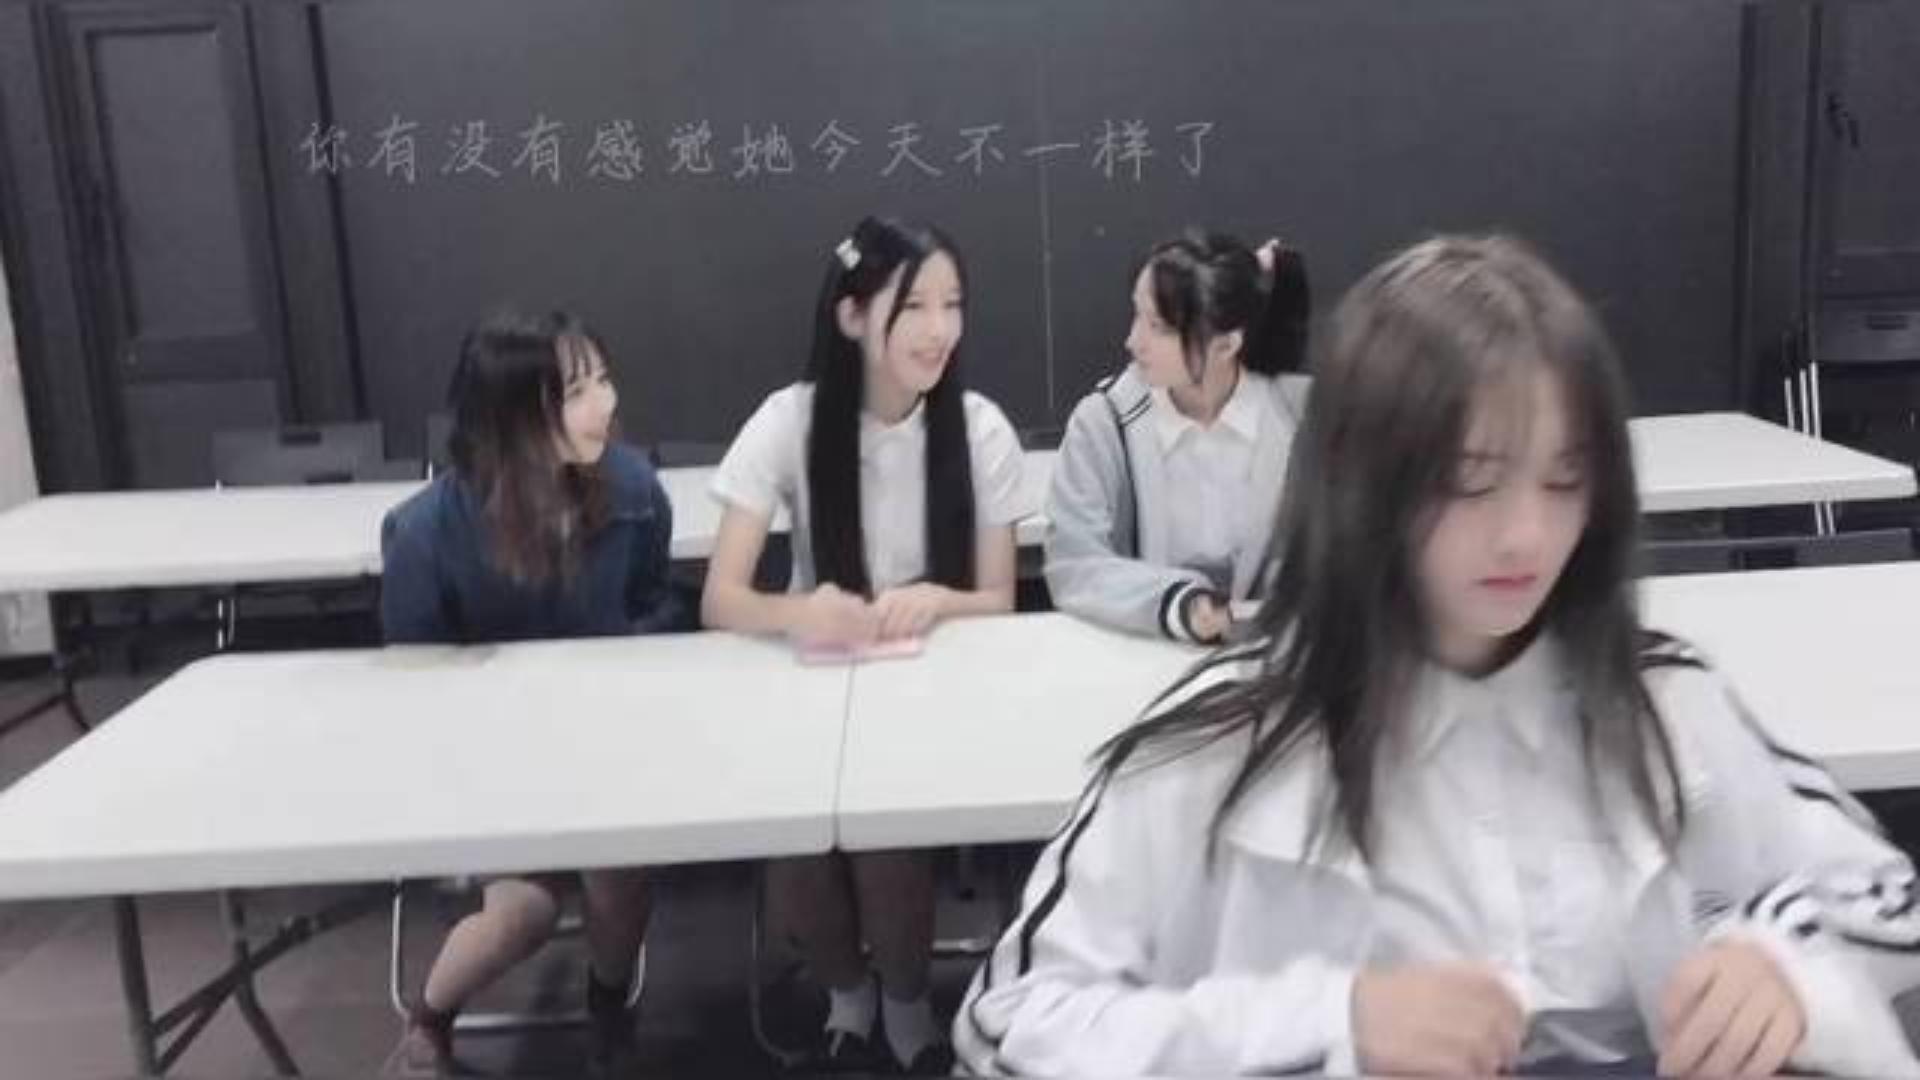 【搬】AKB48中国成员 反校园暴力的小剧情